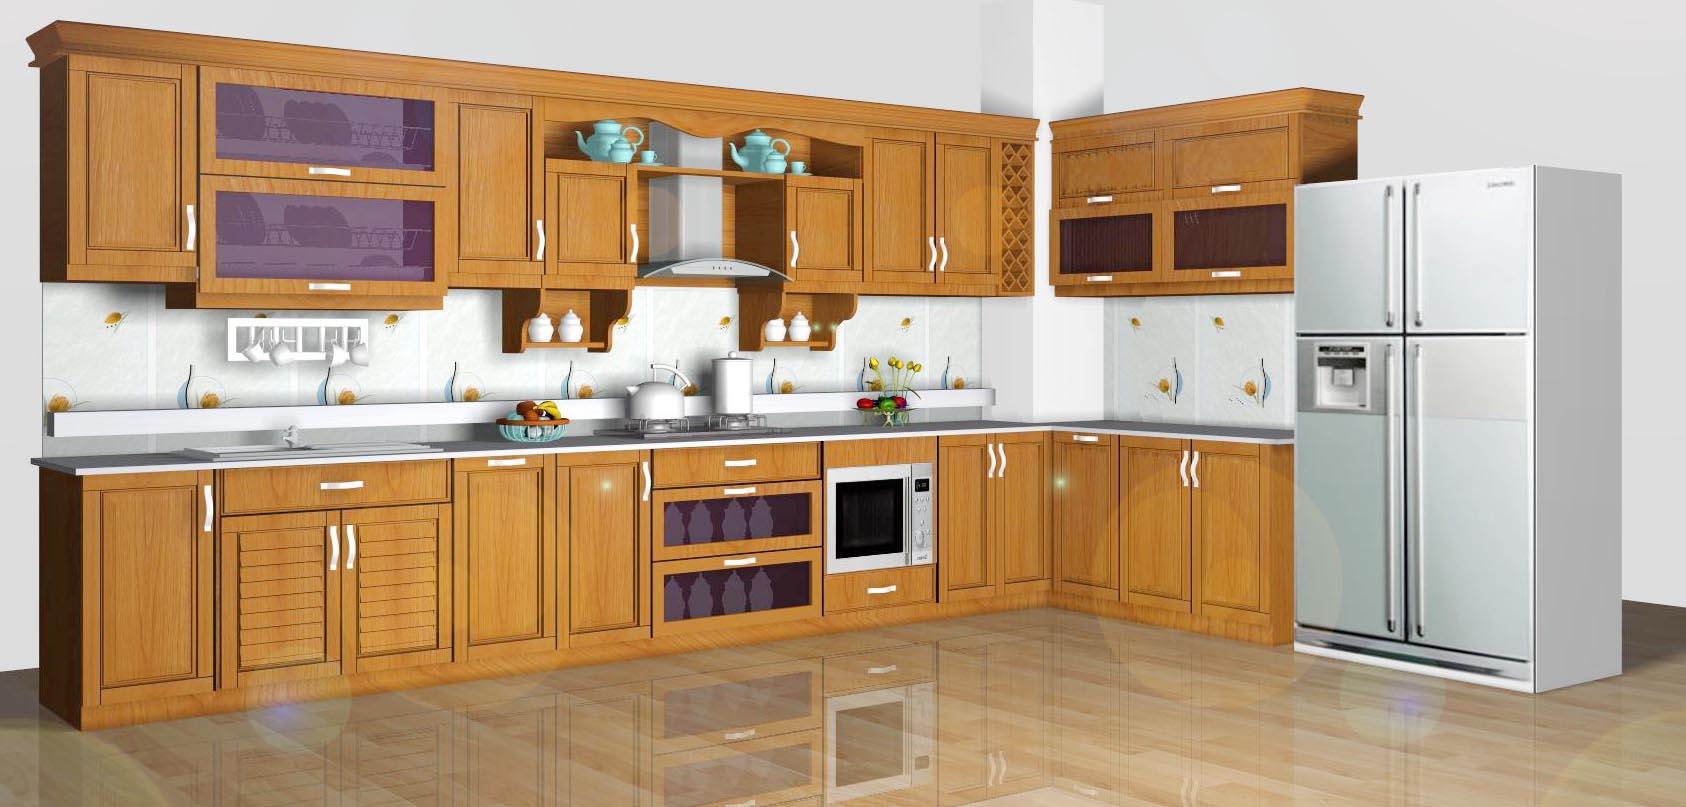 Tủ bếp gỗ bền đẹp